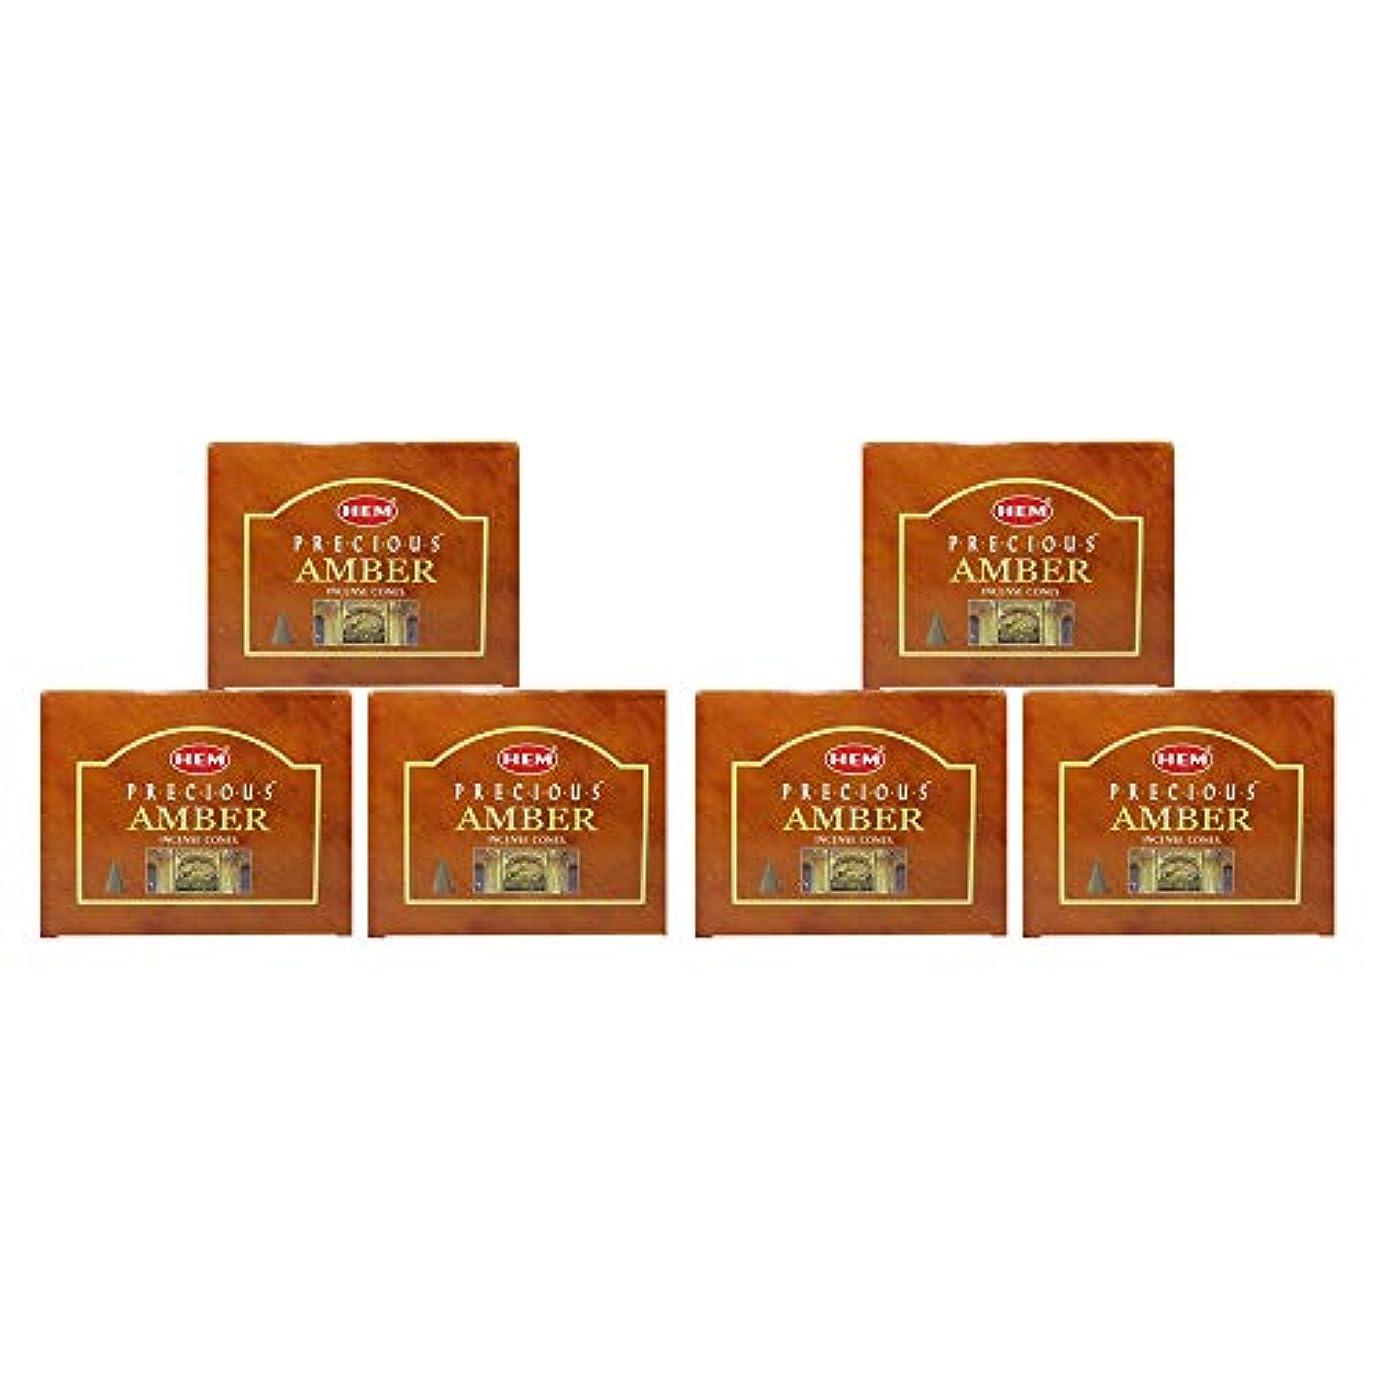 アクチュエータ入植者作るHEM プレシャス アンバー お香箱 6個パック 各コーン10個入り インドで手作業で巻かれた新鮮でピュアで長持ちする香り リラクゼーション 不安 ストレス解消 落ち着き 空気の新鮮さ